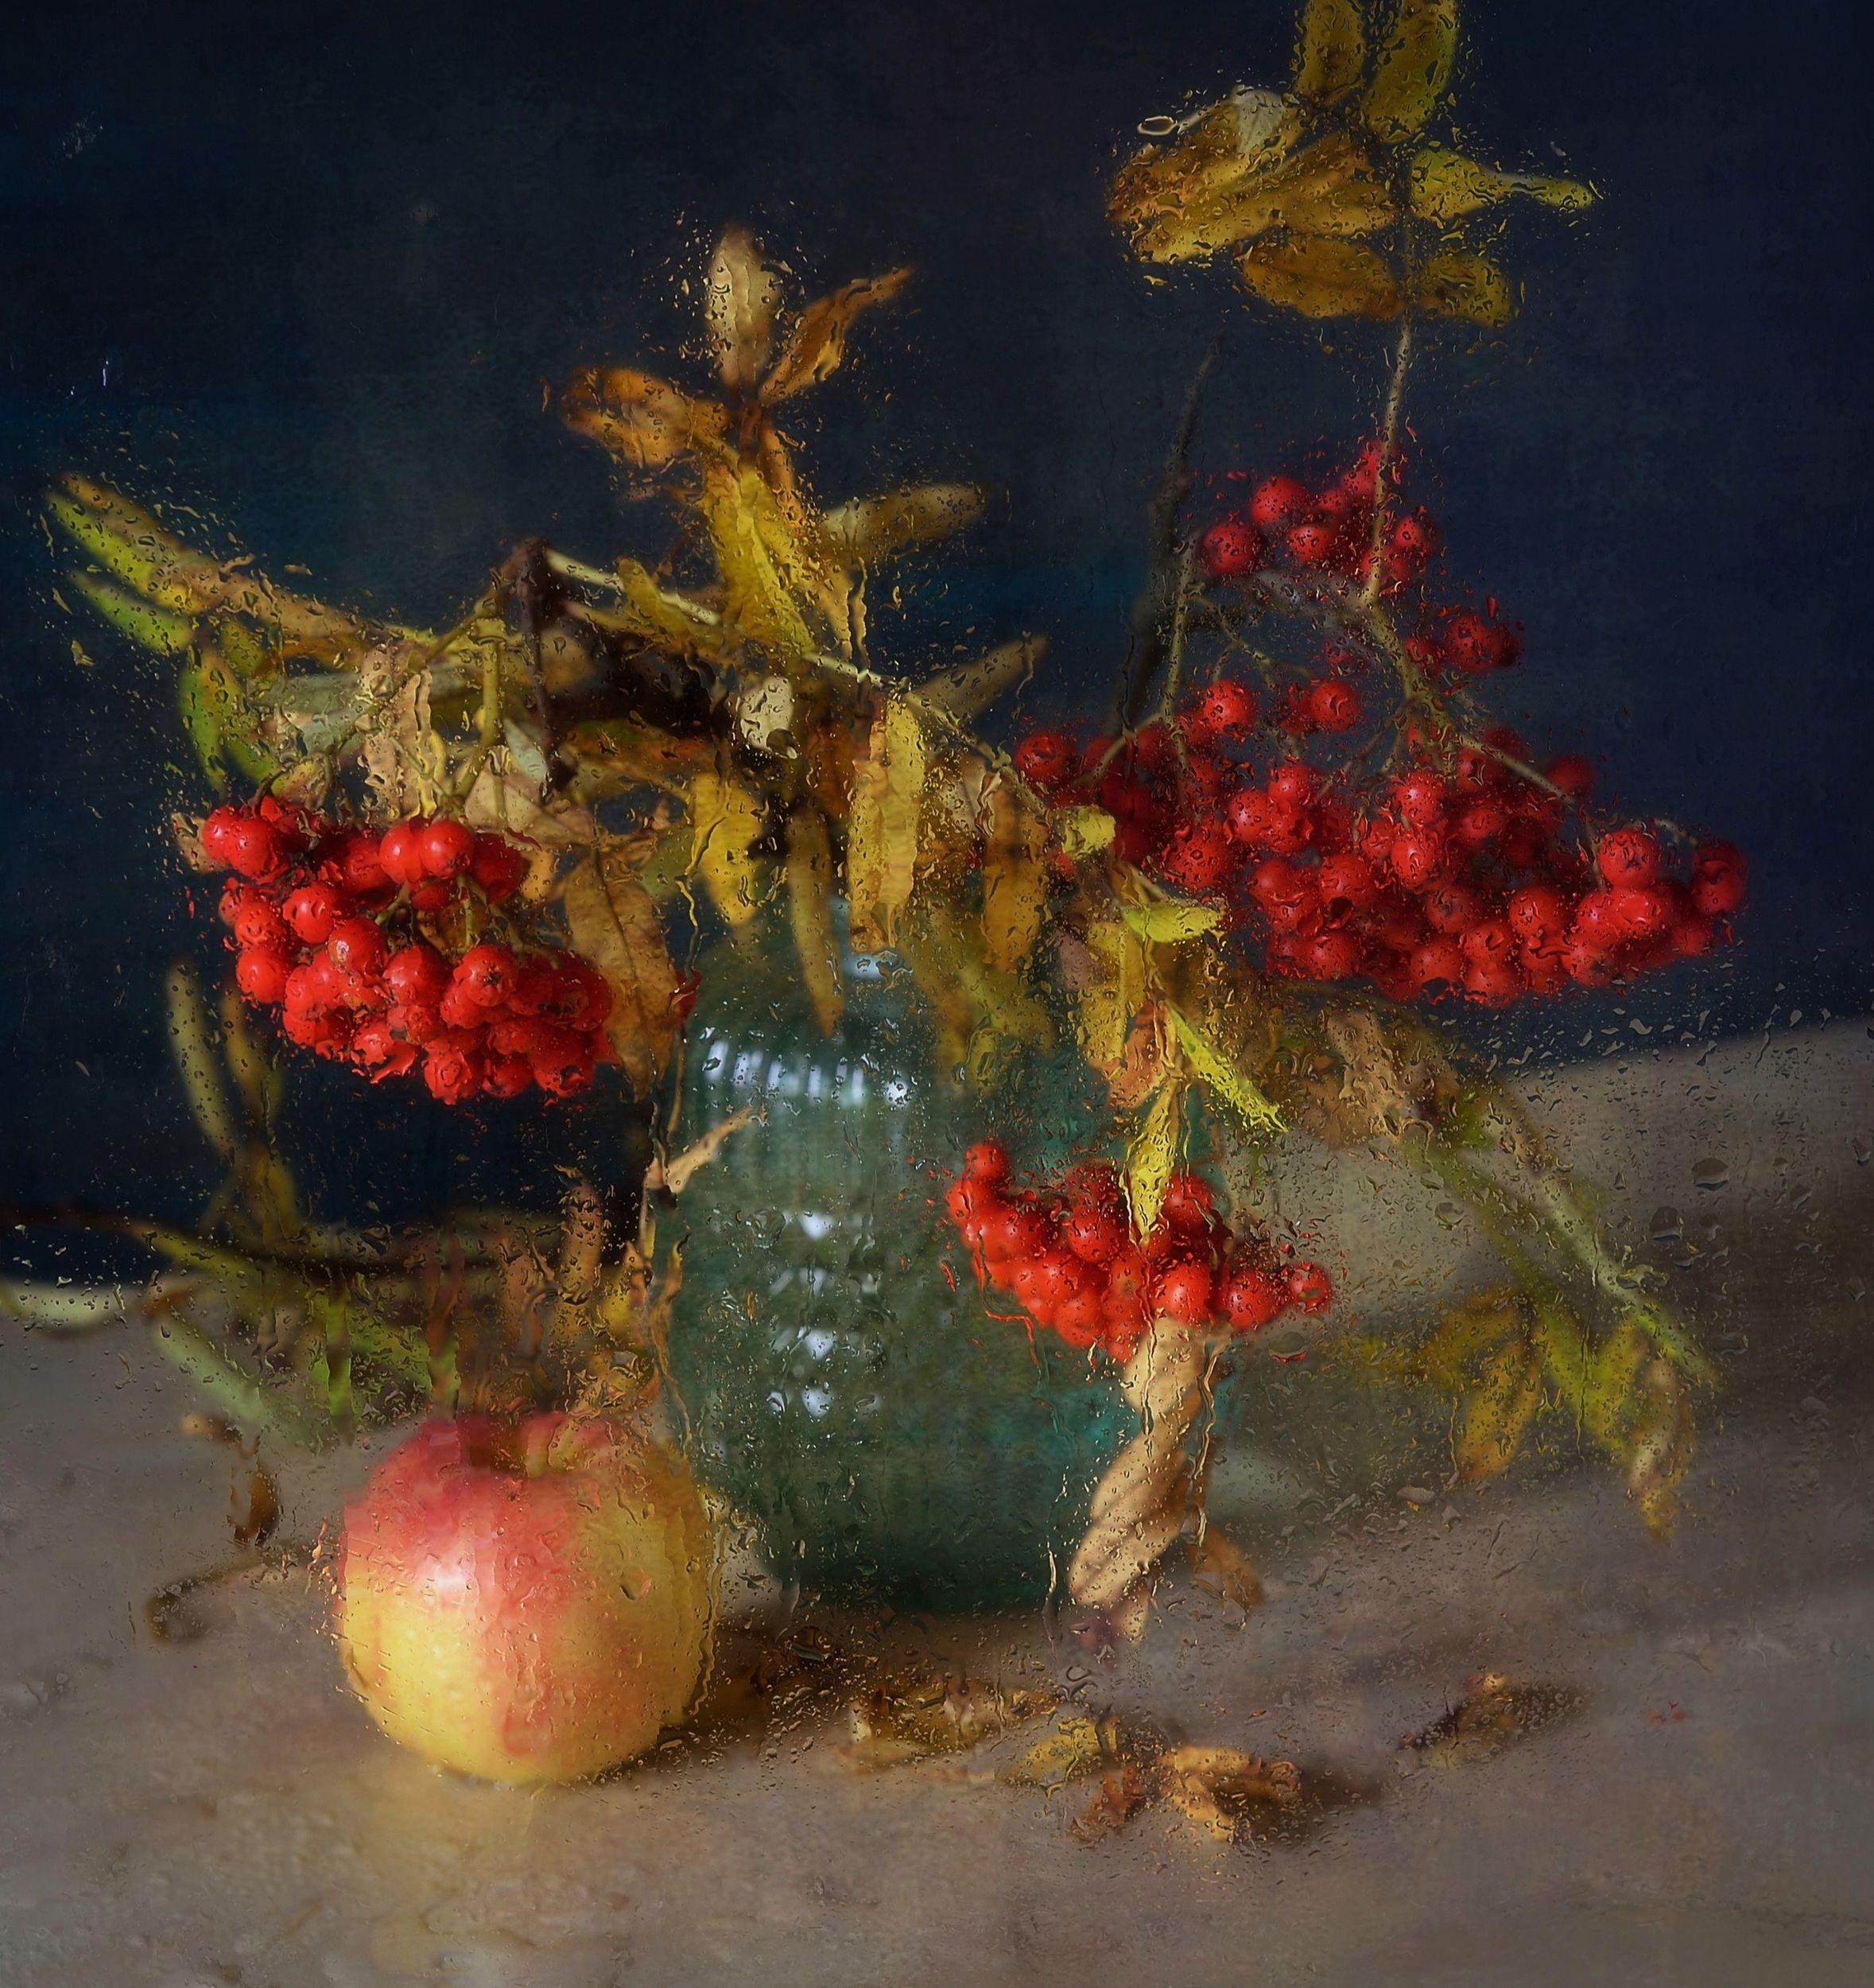 натюрморт,композиция,яблоко,рябина,капли, Наталия К